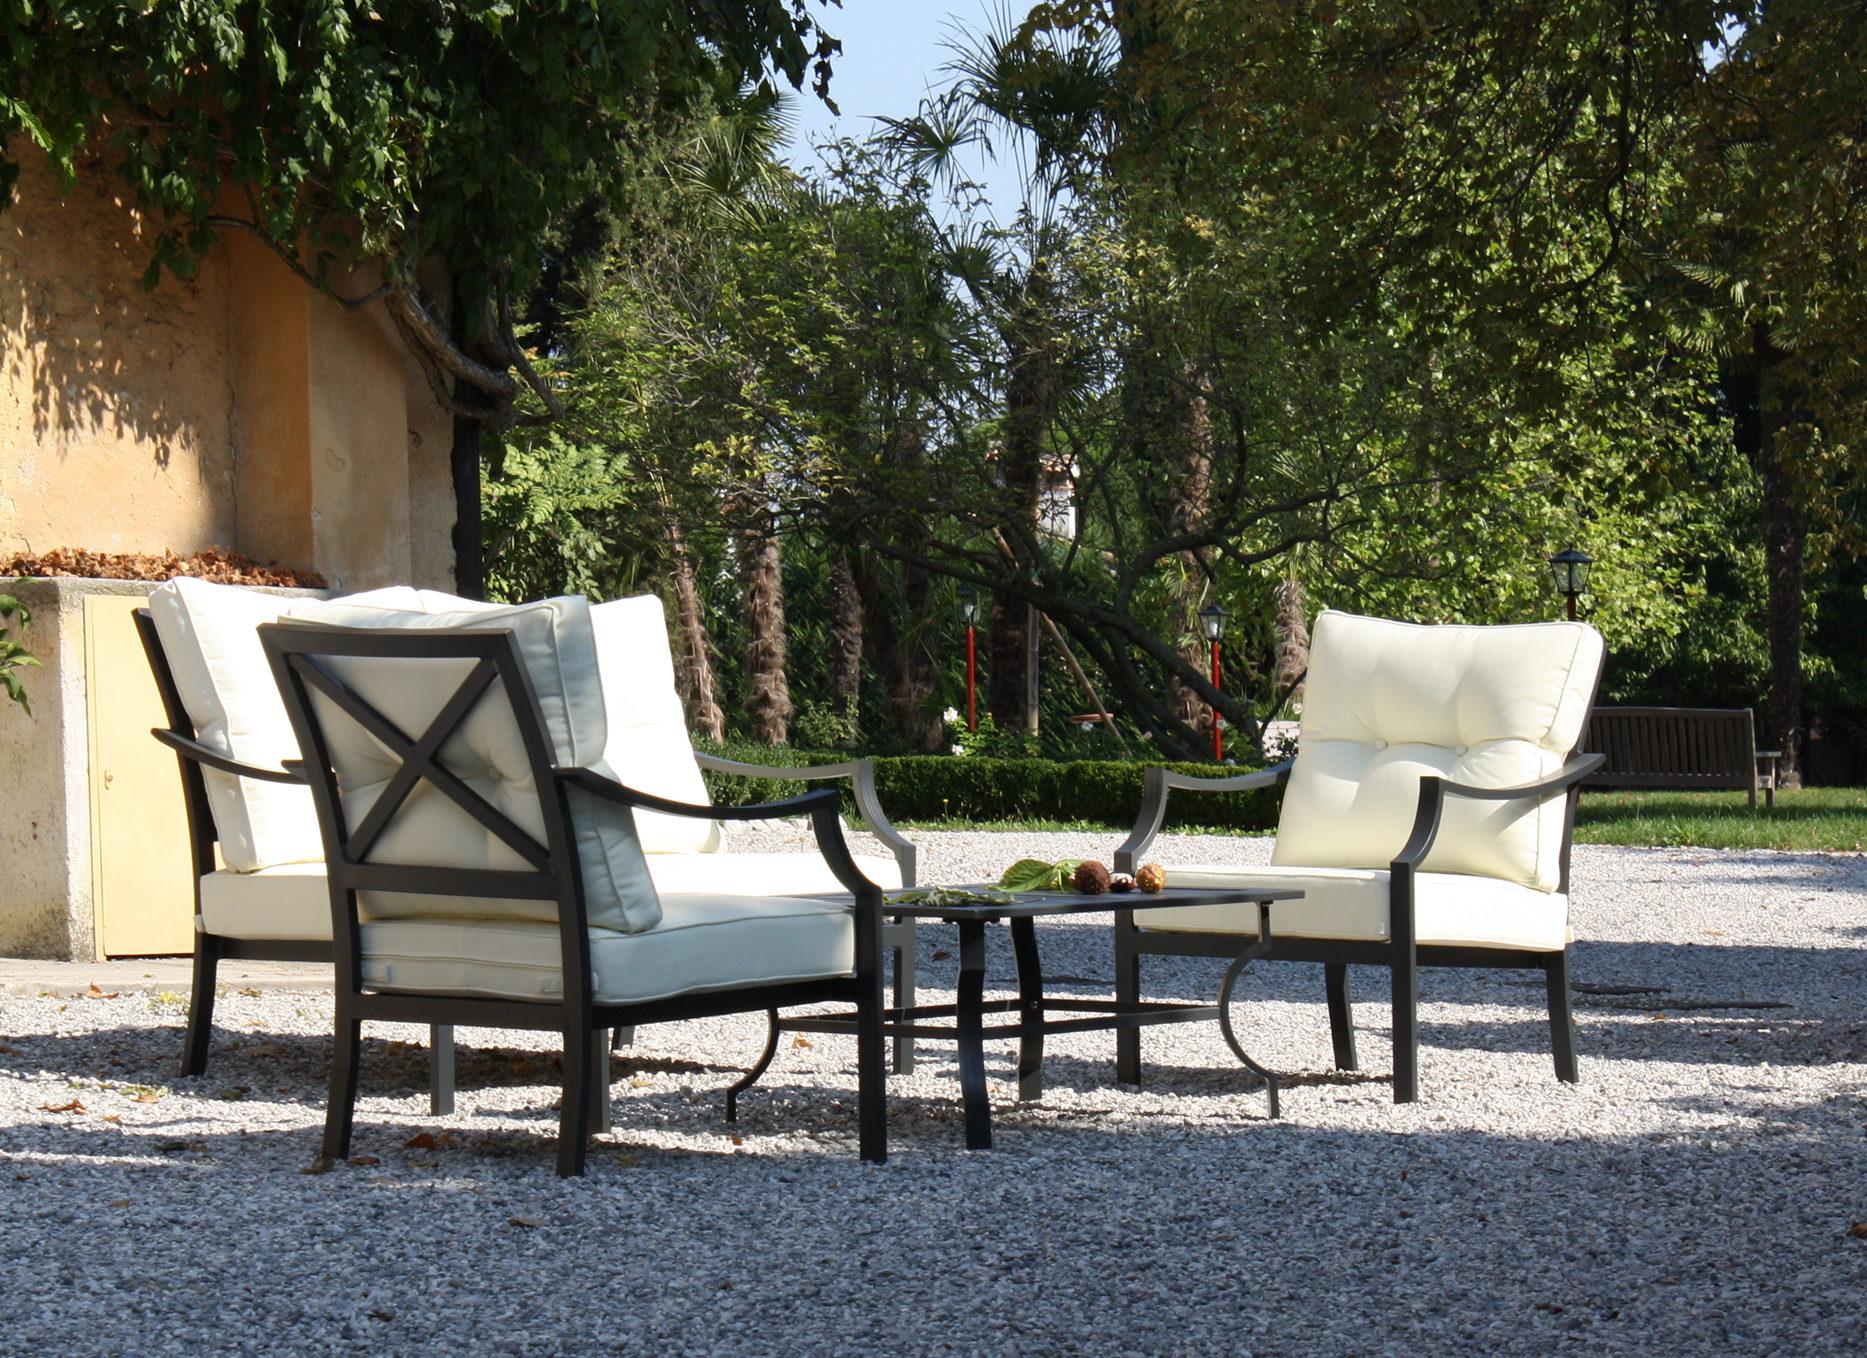 Arredi emozionali di alta qualit per il tuo giardino - Arredi per esterni design ...